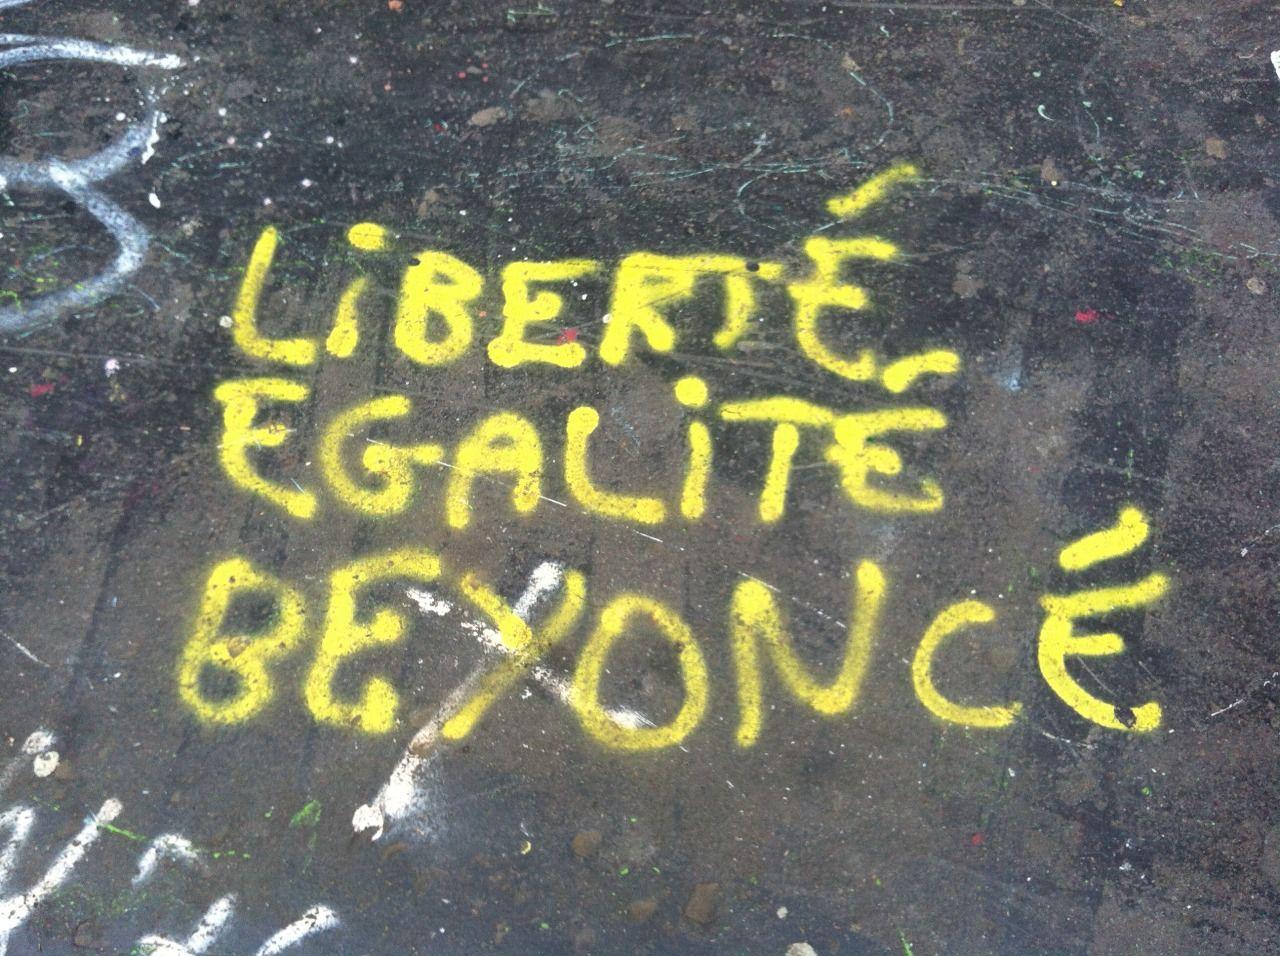 Beyoncé Présidente ! Près du canal. Merci Danaé